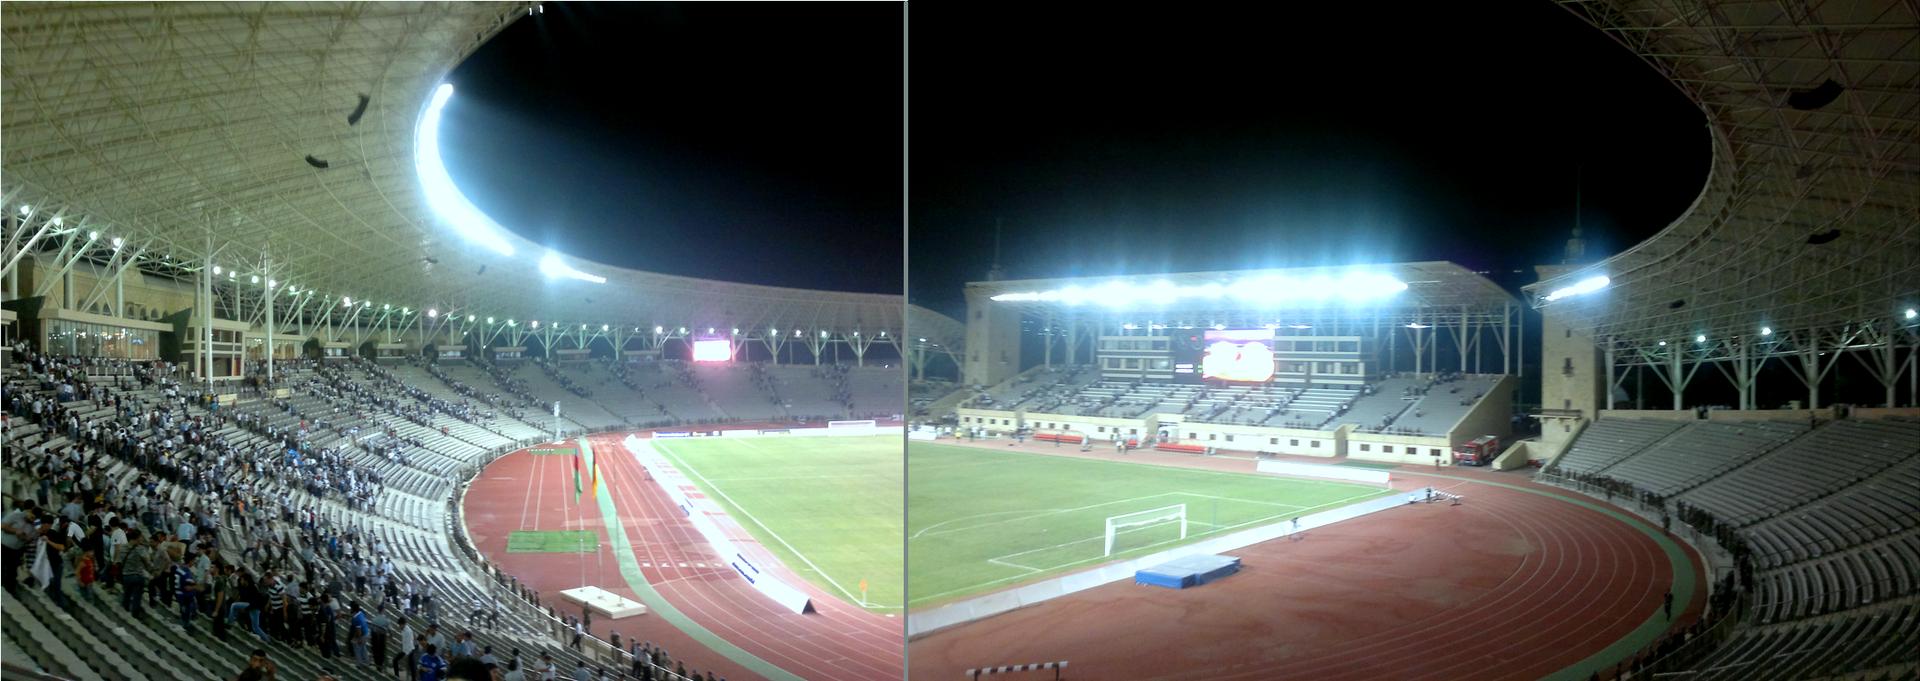 Стадион имени Тофика Бахрамова.png